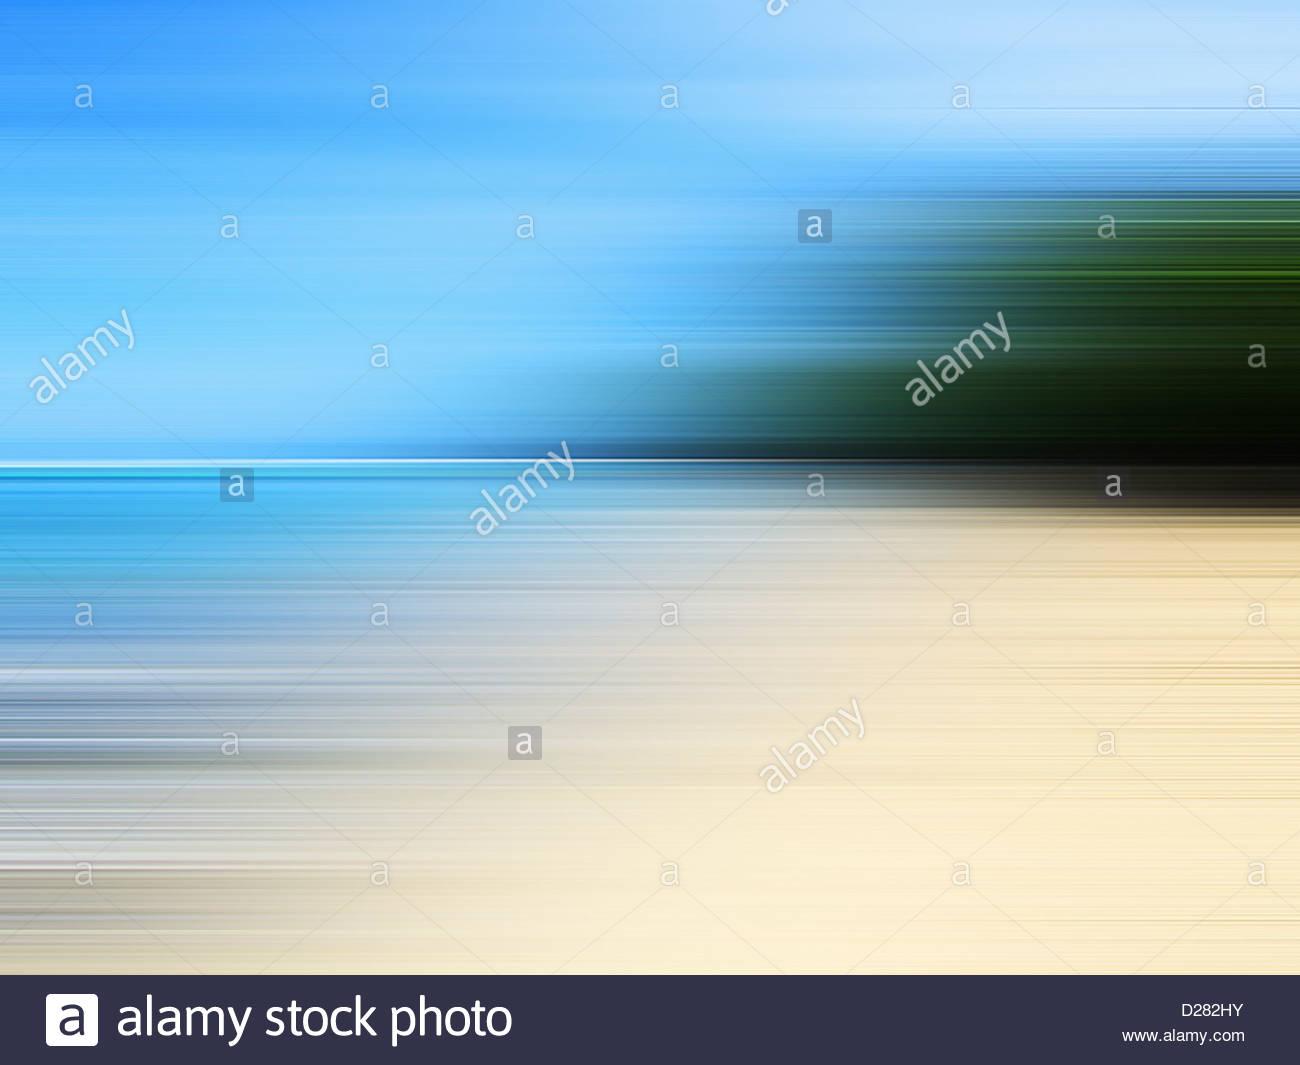 Blurred beach - Stock Image